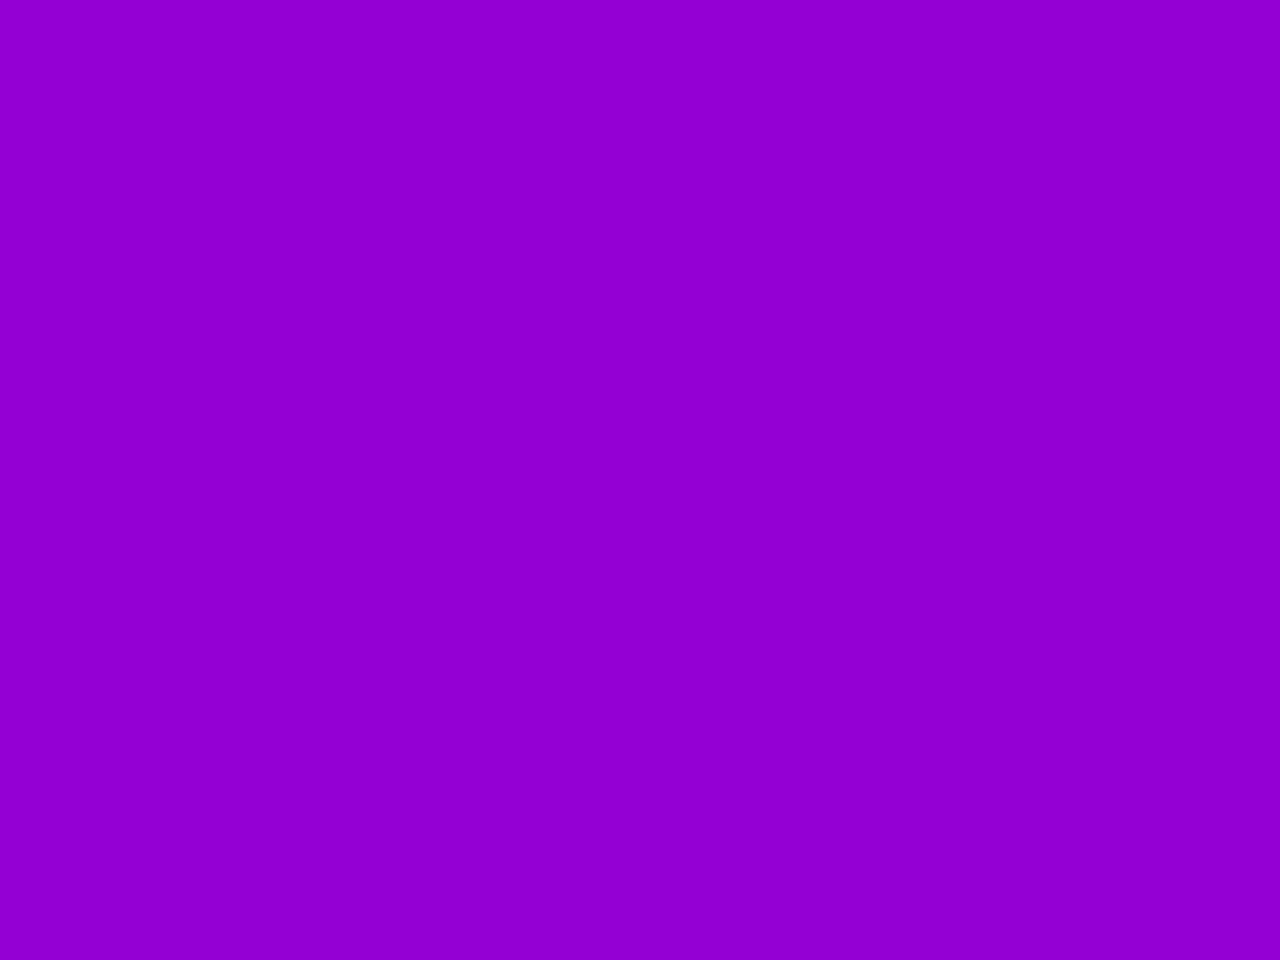 1280x960 Dark Violet Solid Color Background